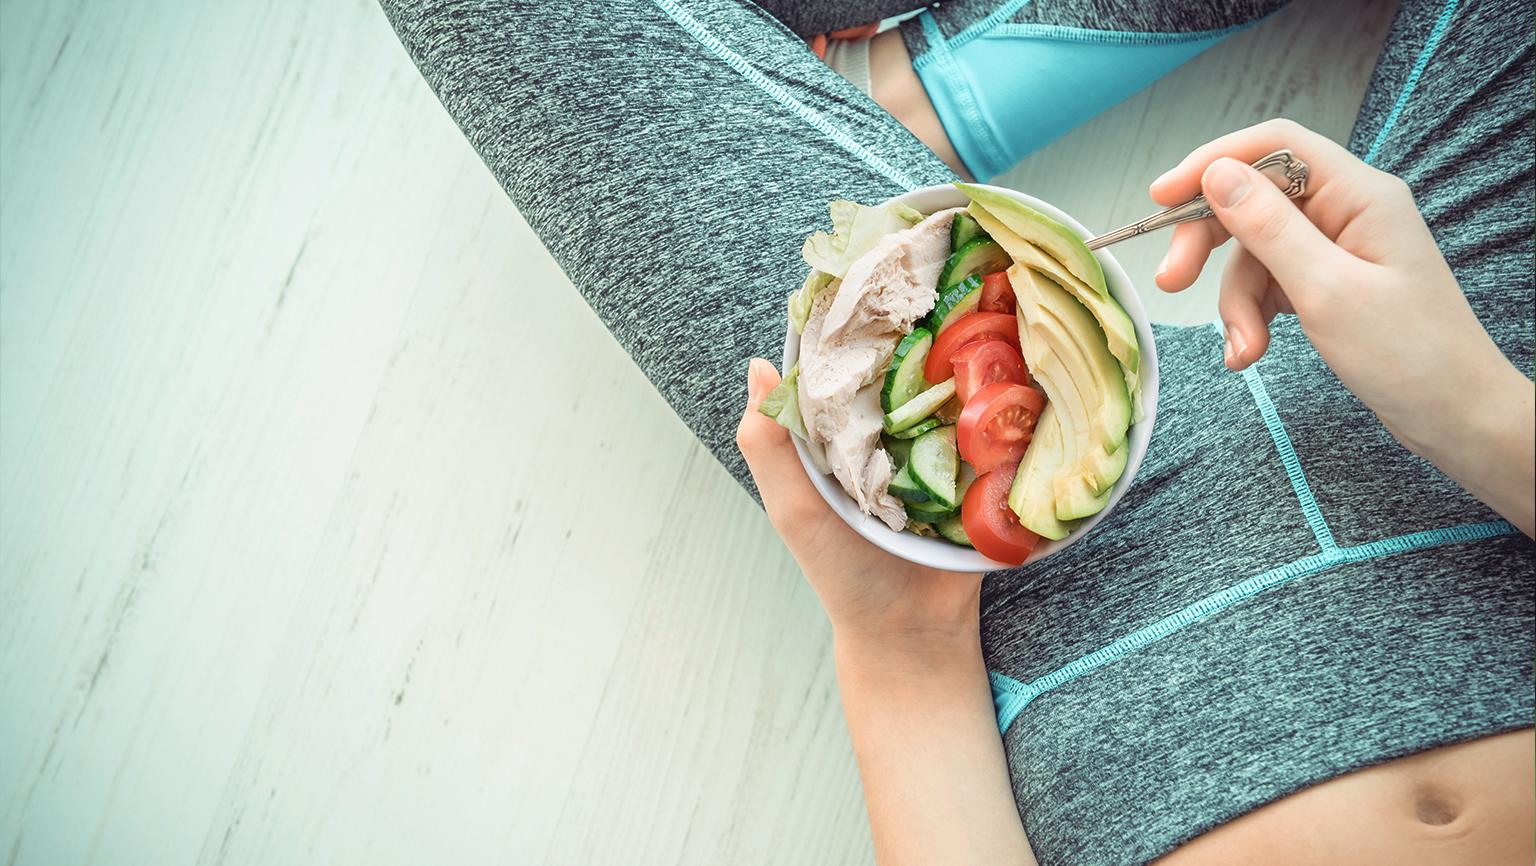 運動後這樣吃,享瘦吃不胖